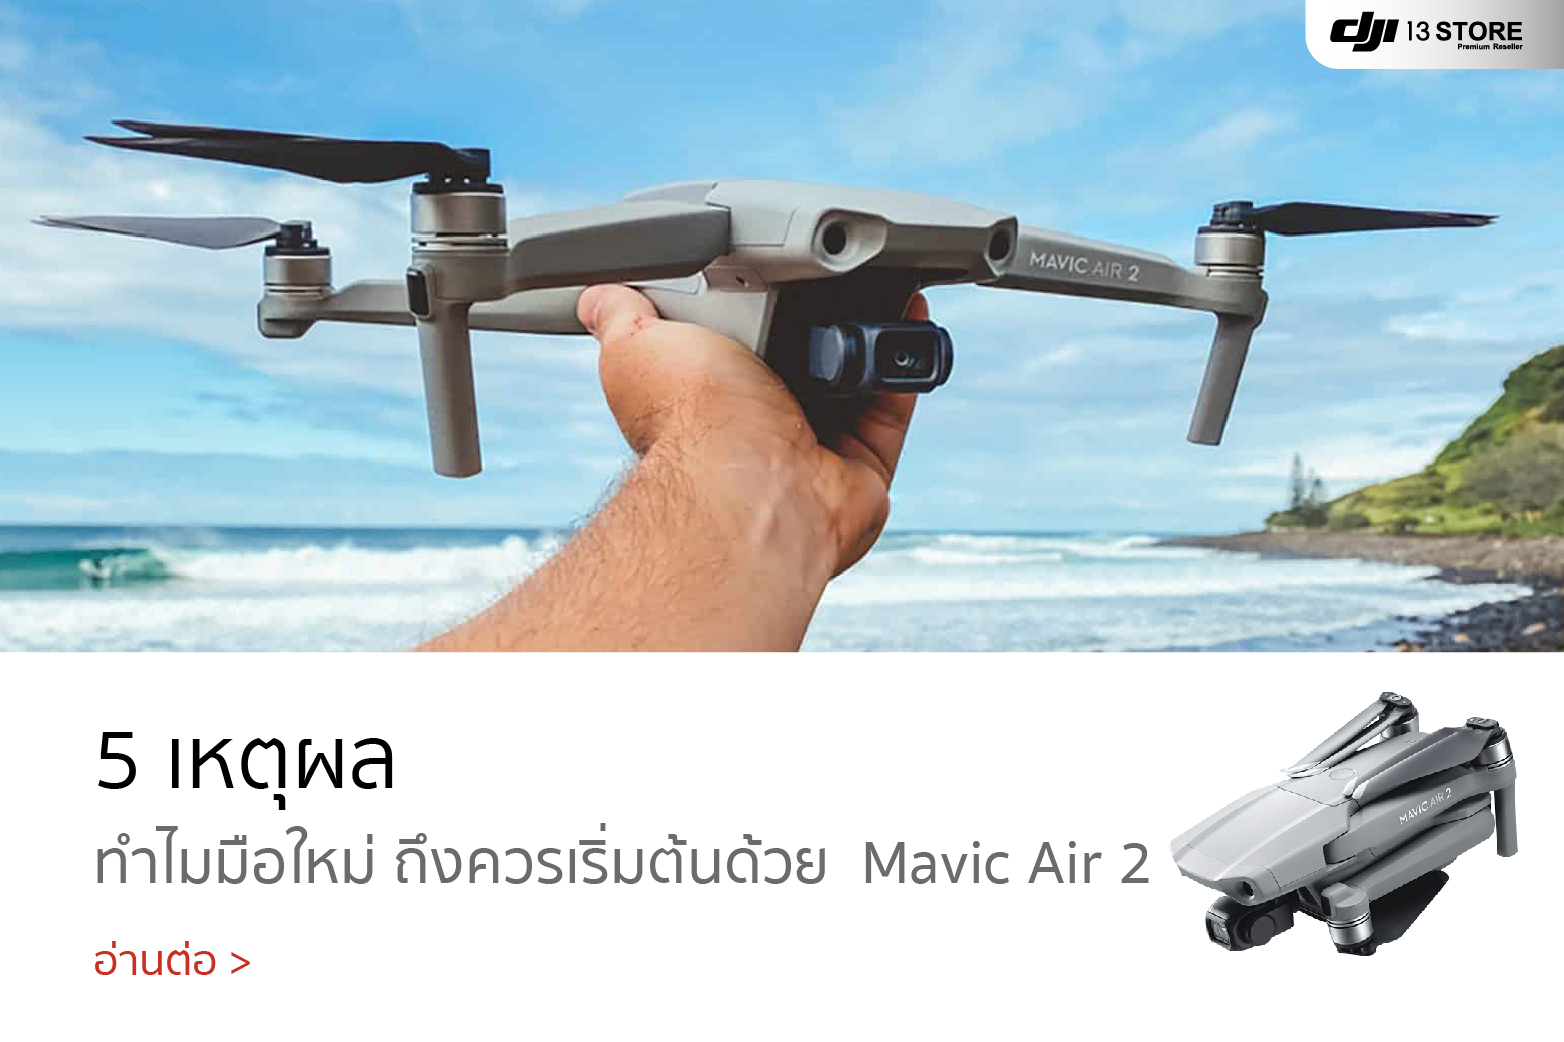 5 เหตุผล ทำไมมือใหม่ ถึงควรเริ่มต้นด้วย  Mavic Air 2